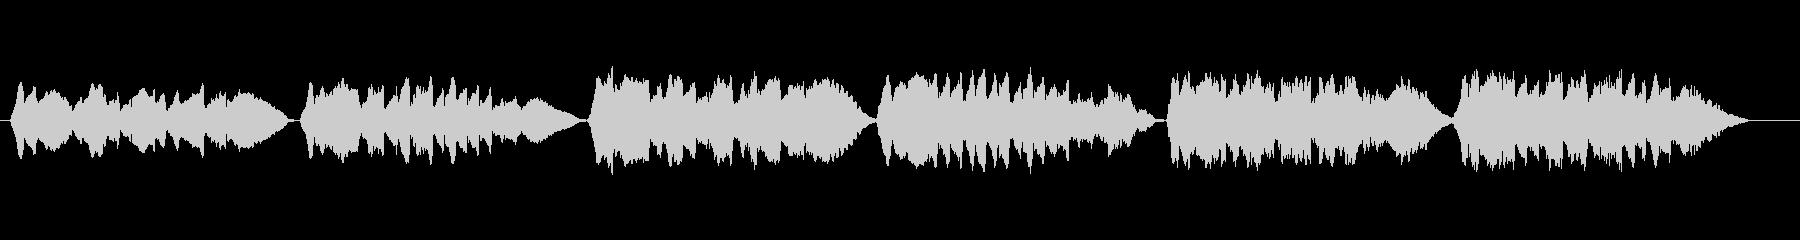 """Nursery rhyme """"Red Dragonfly"""" by unaccompanied violin's unreproduced waveform"""